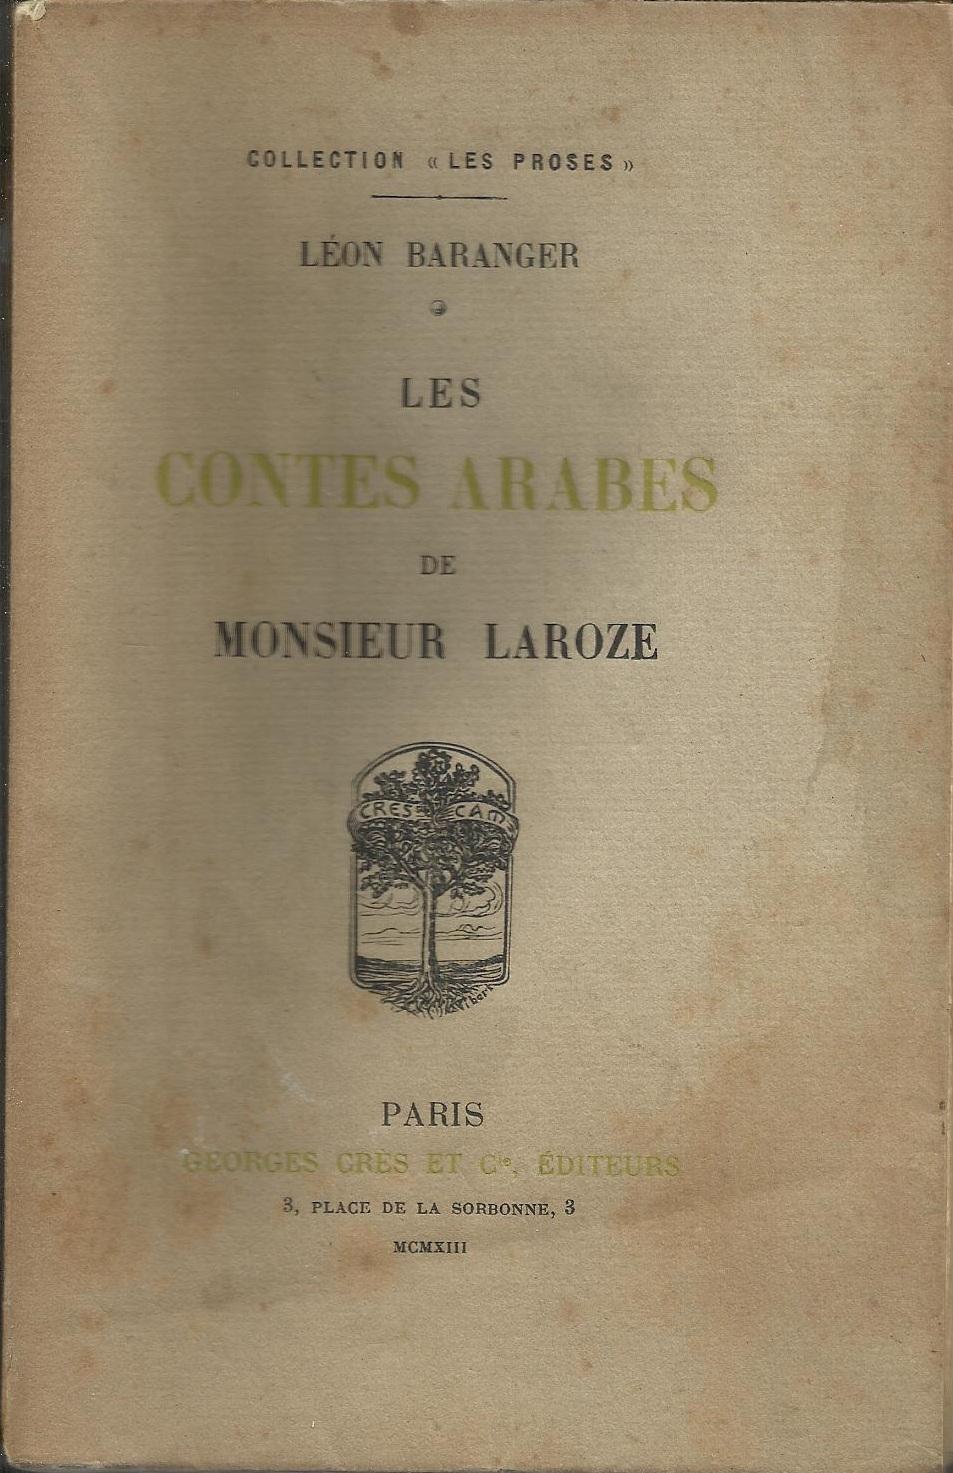 Les contes arabes de Monsieur Laroze